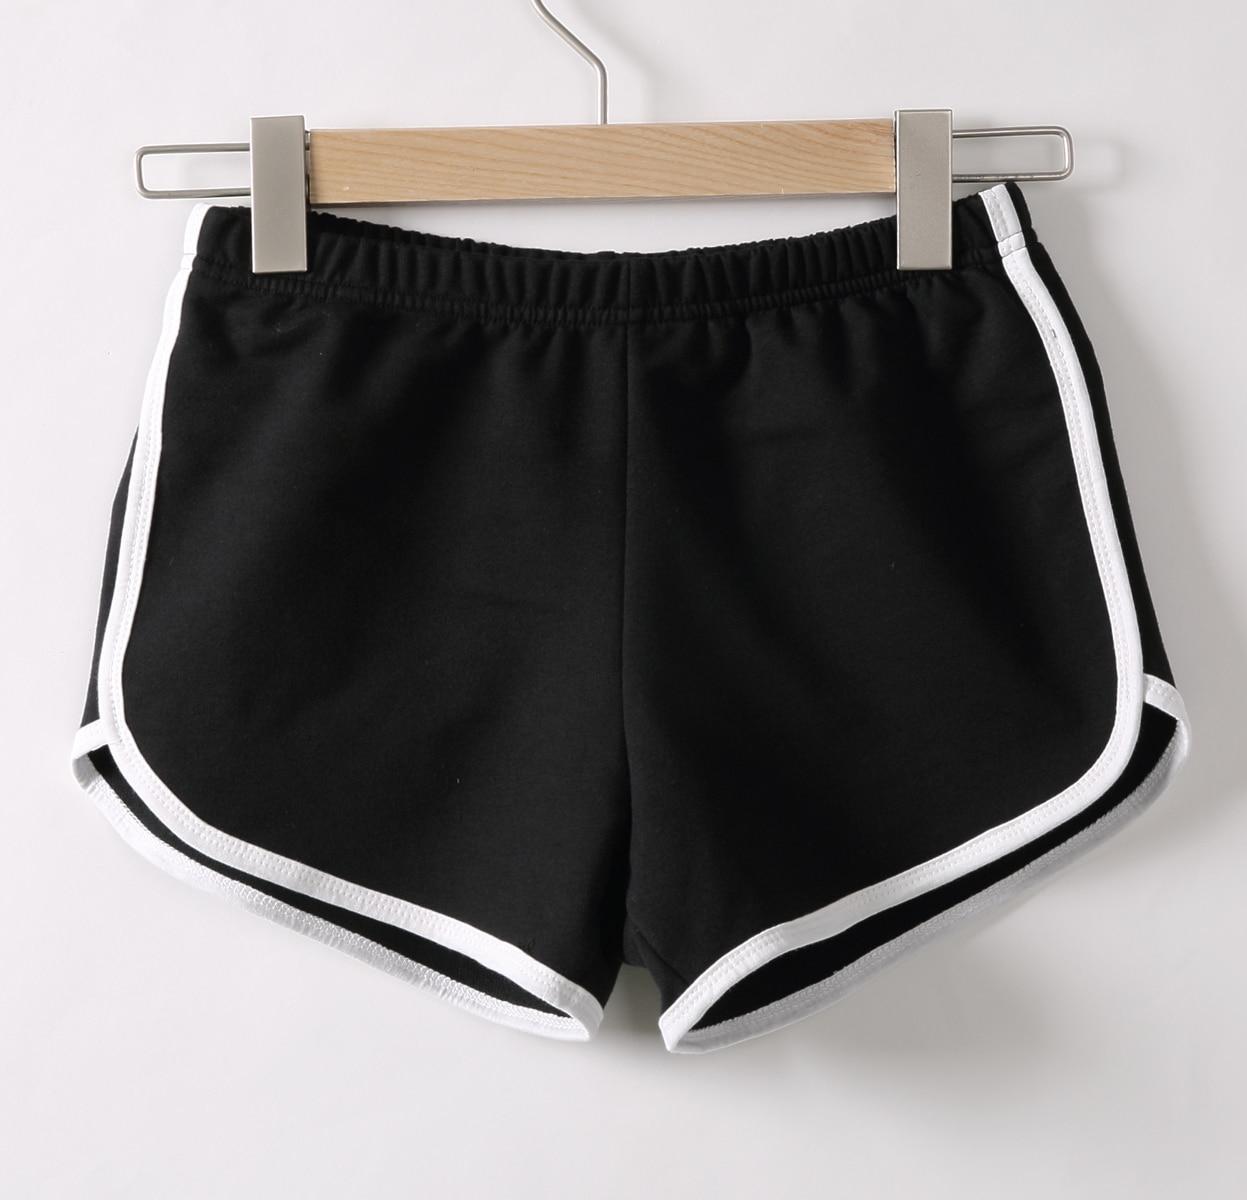 נשים מכנסיים קצרים קיץ נשים של ספורט כושר אימון חגורת סקיני קצר כושר ריצה כושר